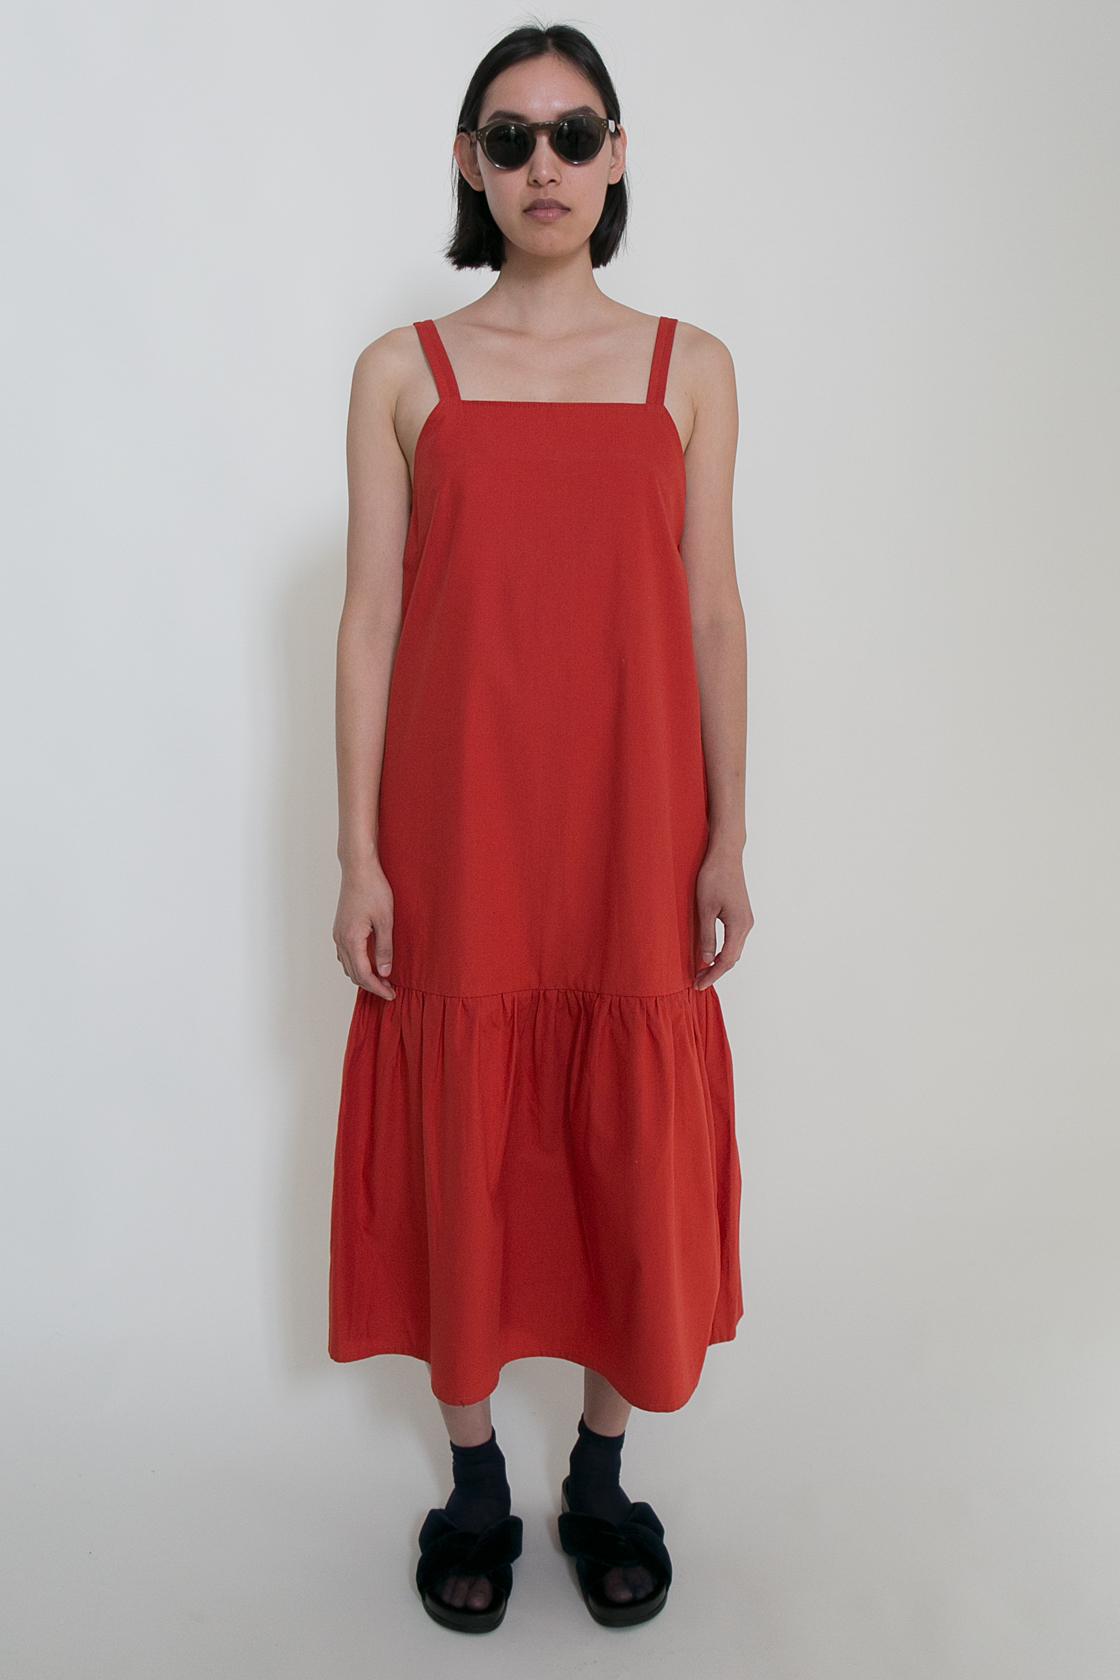 Maras Dress  S M L  $288